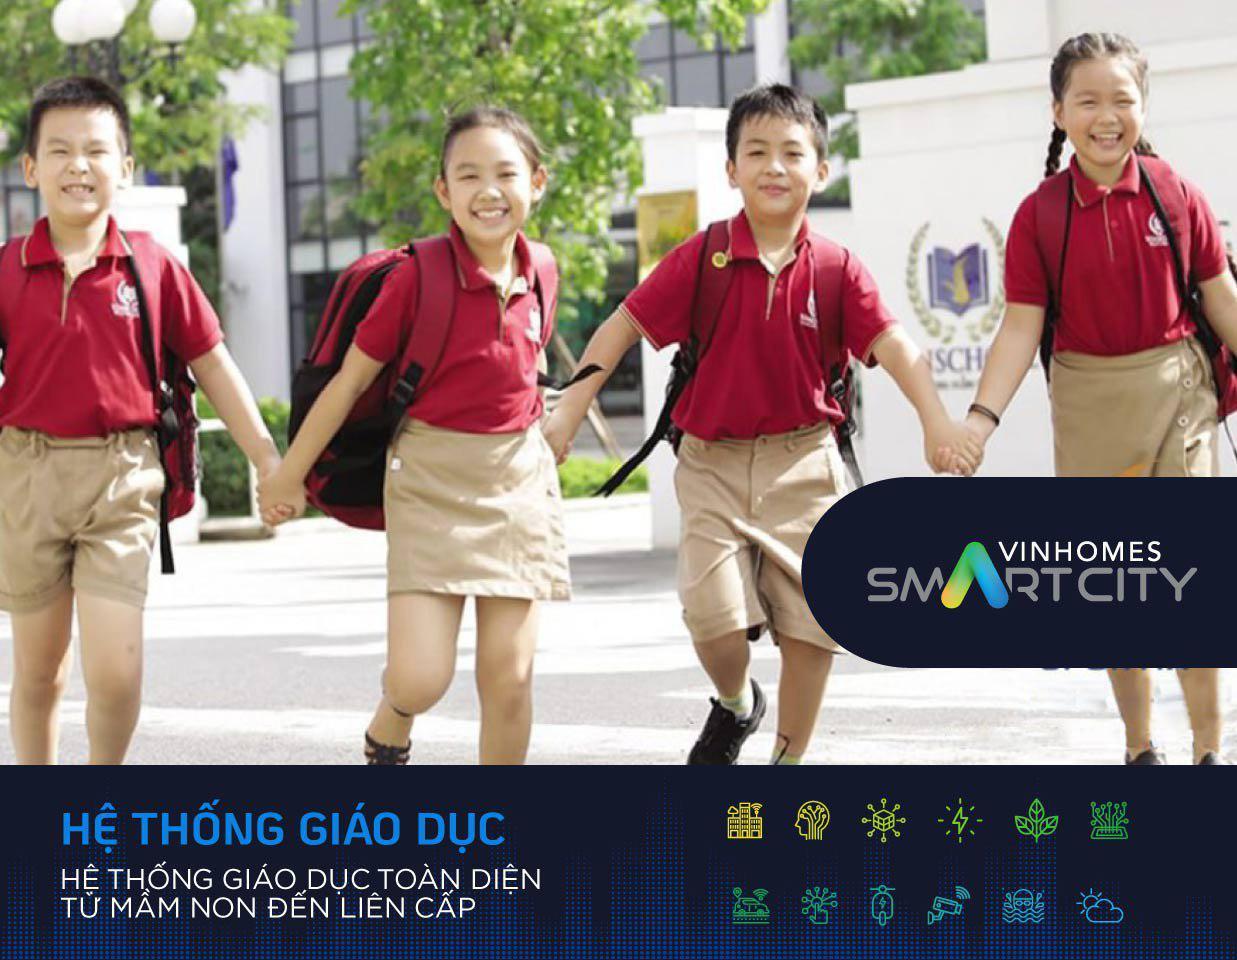 Hệ thống giáo dục tại Vinhomes Smart City